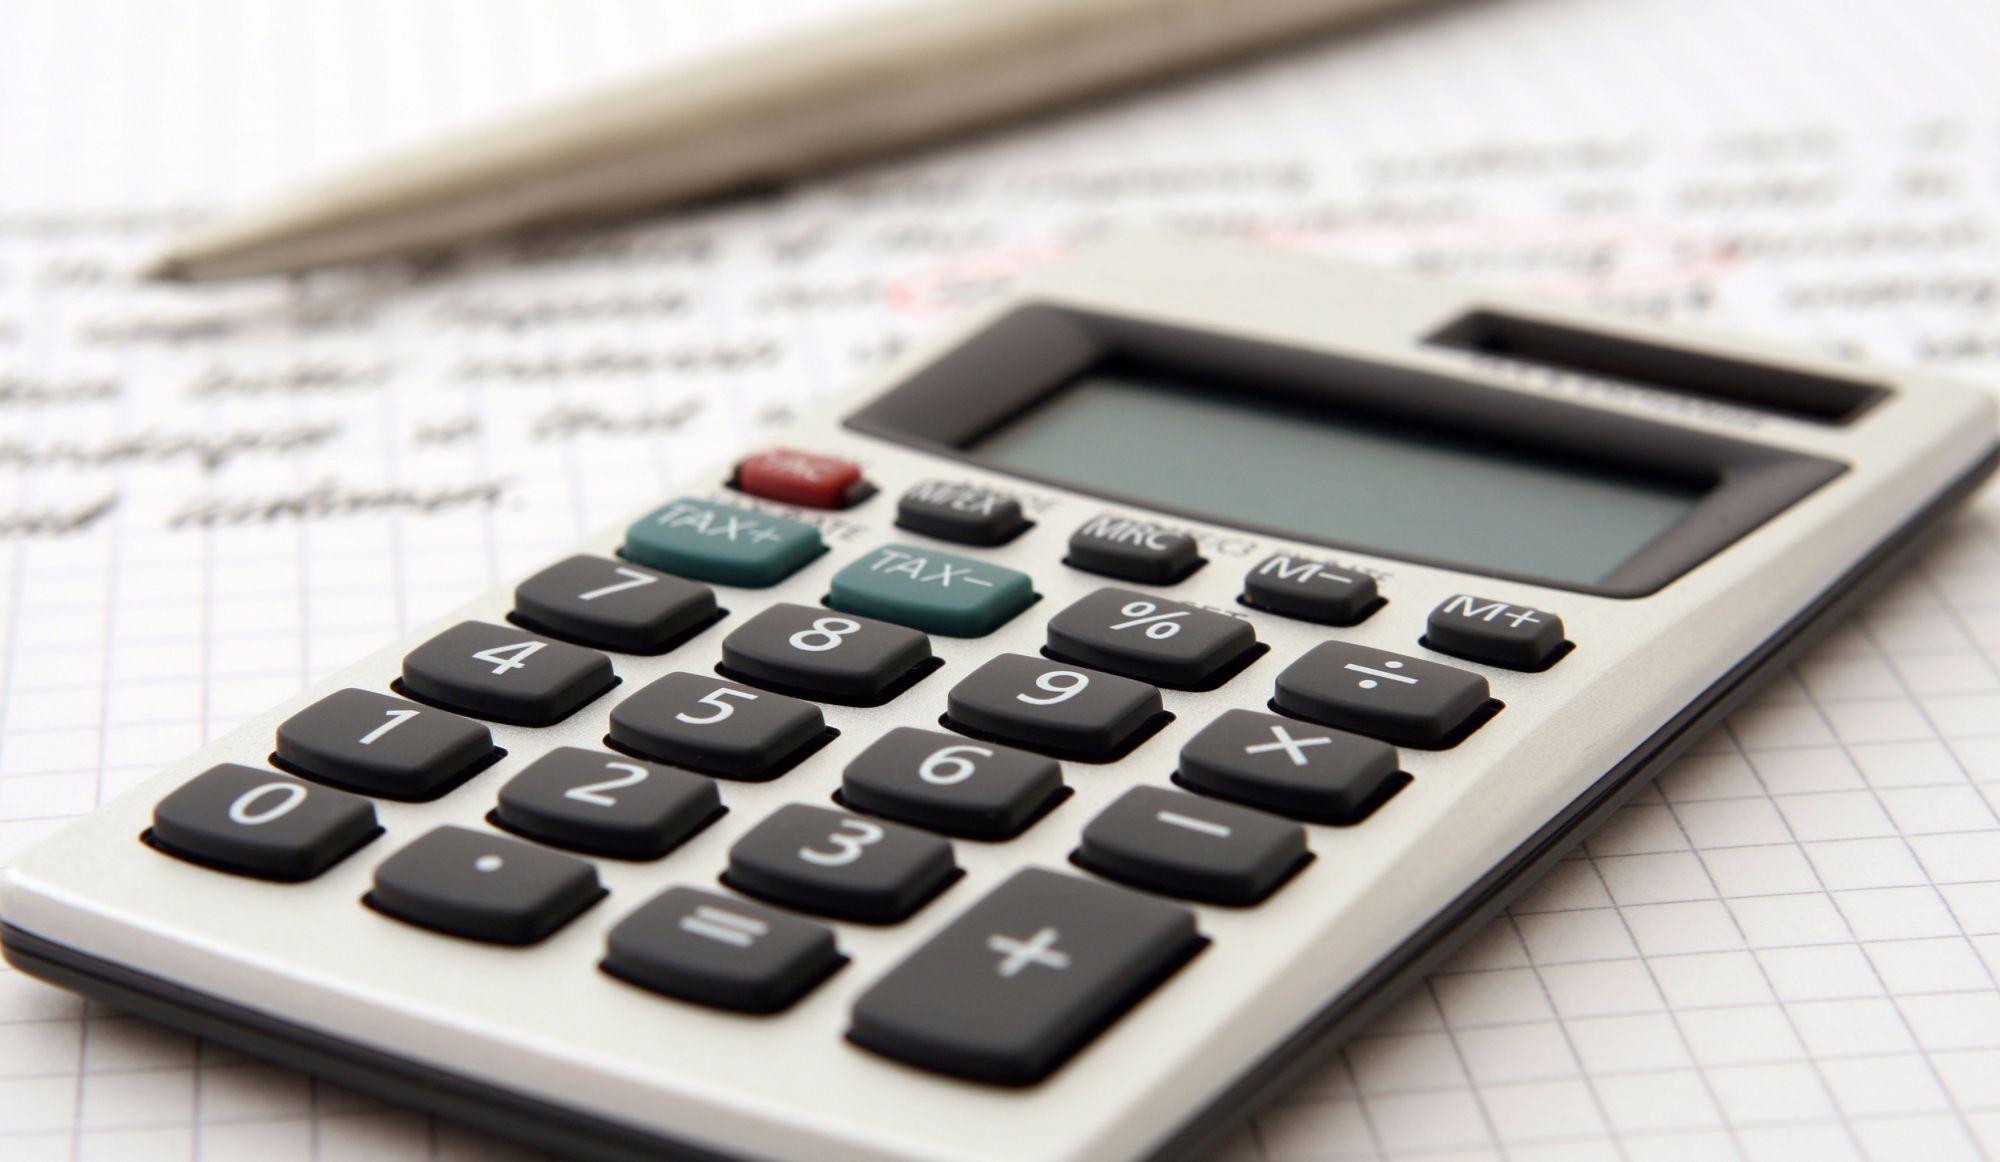 Combien épargnerez-vous sur votre prochain compte de taxes scolaires?